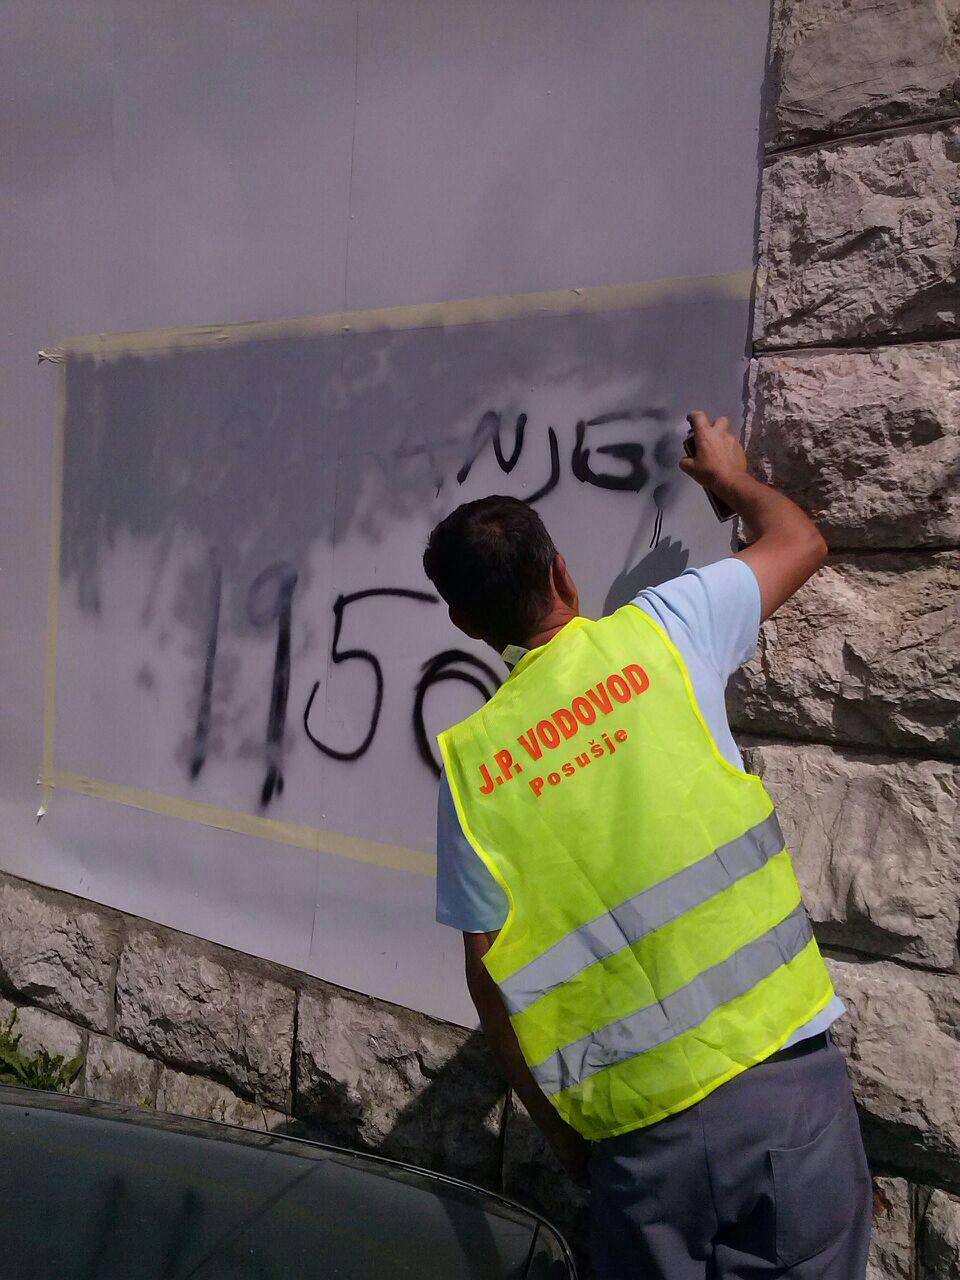 NOVA DEVASTACIJA U SREDIŠTU GRADA: Šarali grafitima po privatnom objektu